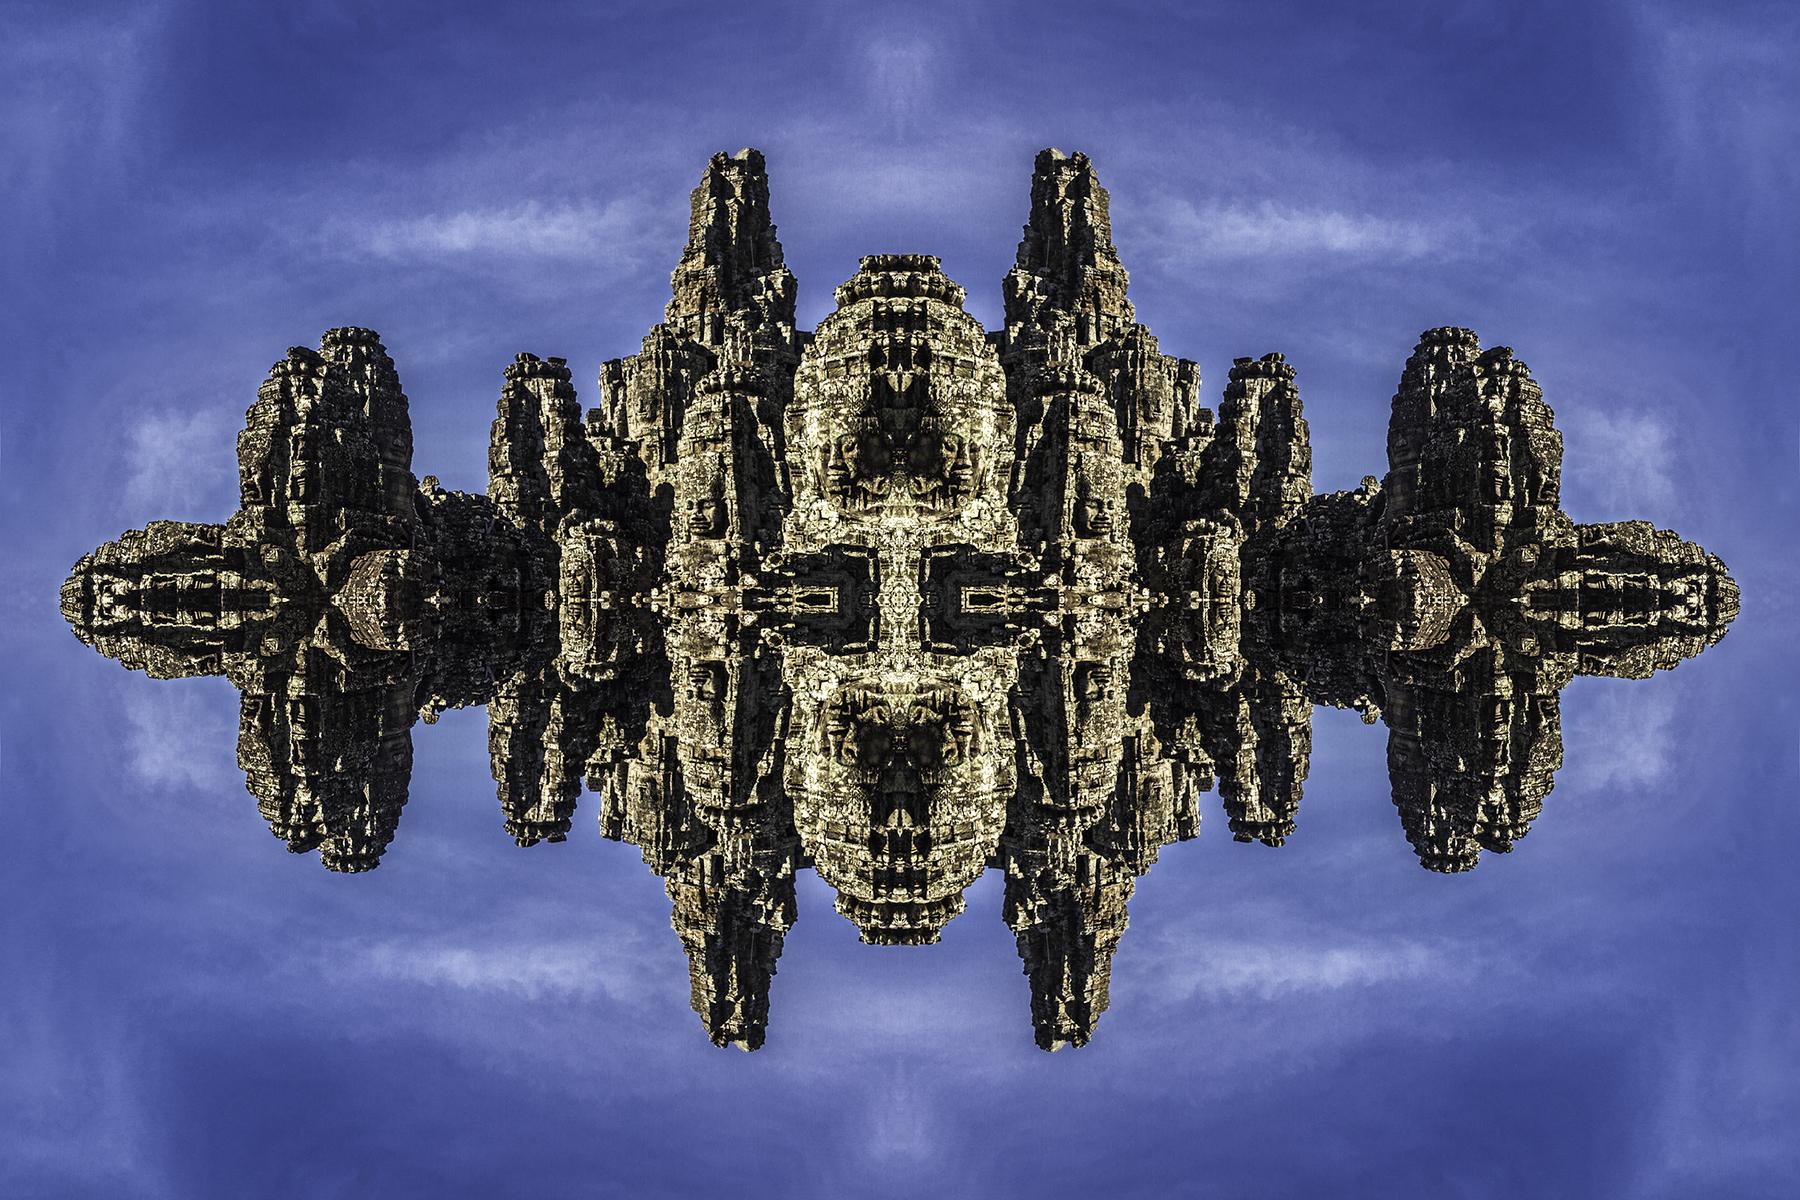 angkor-mandala-sequence-bayon-2-antal-gabelics.jpg